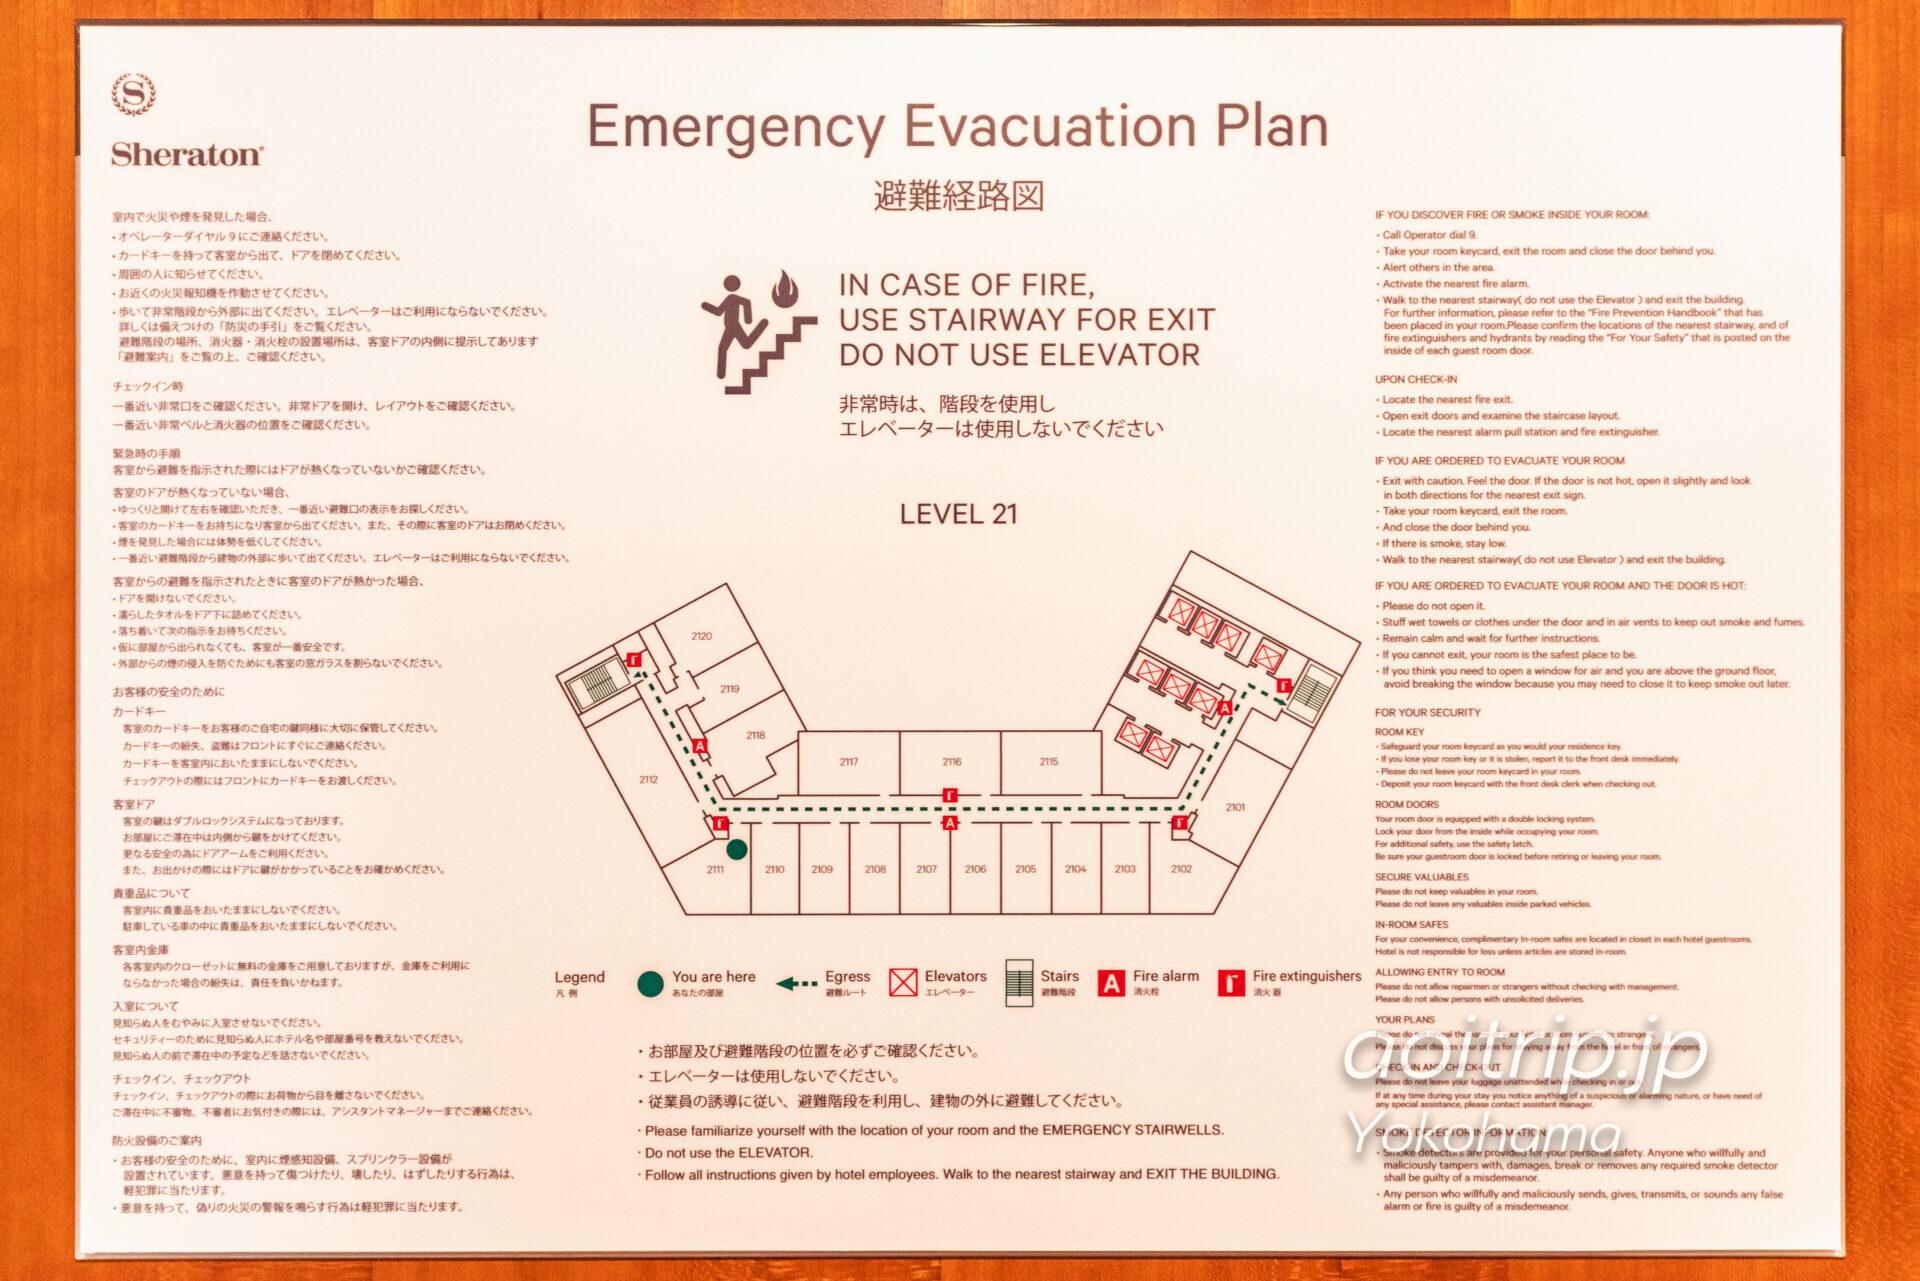 横浜ベイシェラトン ホテル&タワーズ 宿泊記|Yokohama Bay Sheraton Hotel & Towers フロアマップ